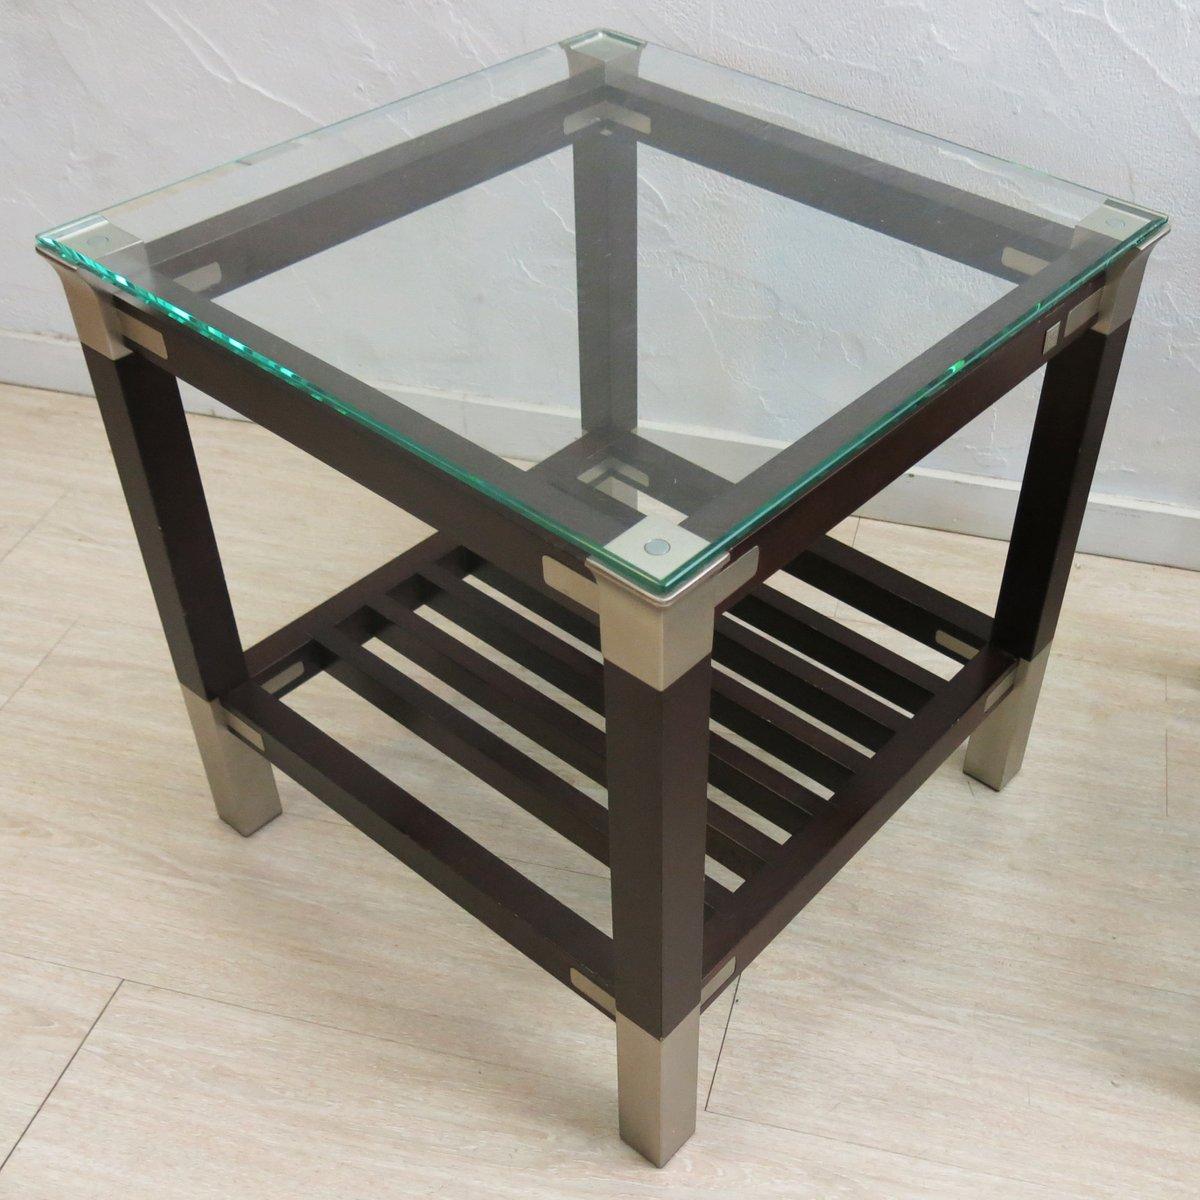 tables d 39 appoint avec plateau en verre par pierre vandel set de 2 en vente sur pamono. Black Bedroom Furniture Sets. Home Design Ideas